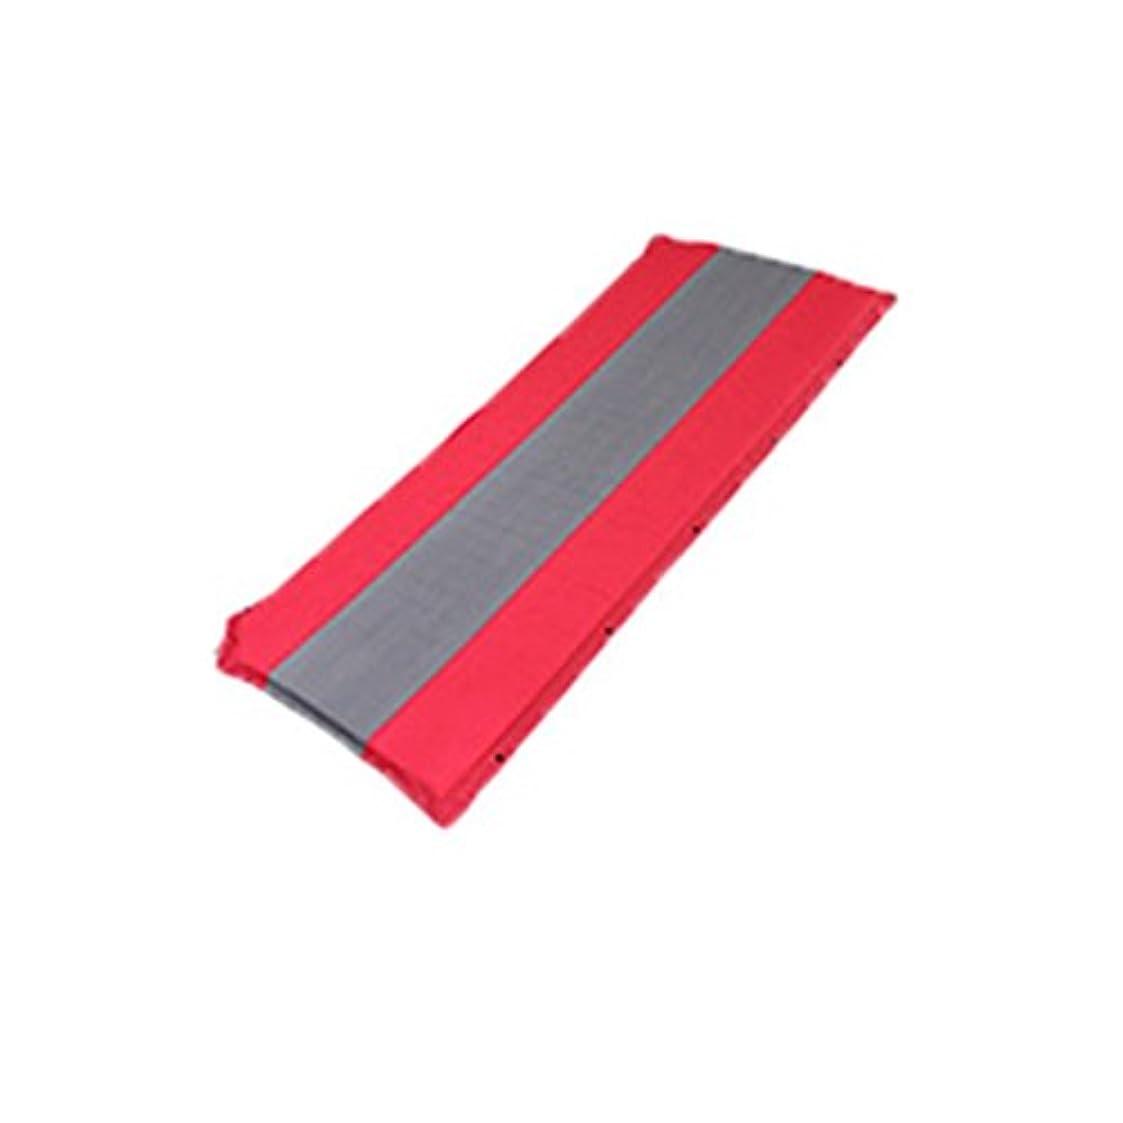 からに変化する代表濃度軽量スリーピングパッド、テントスリーピングパッド、キャンプやハイキングに最適 (Color : Red)